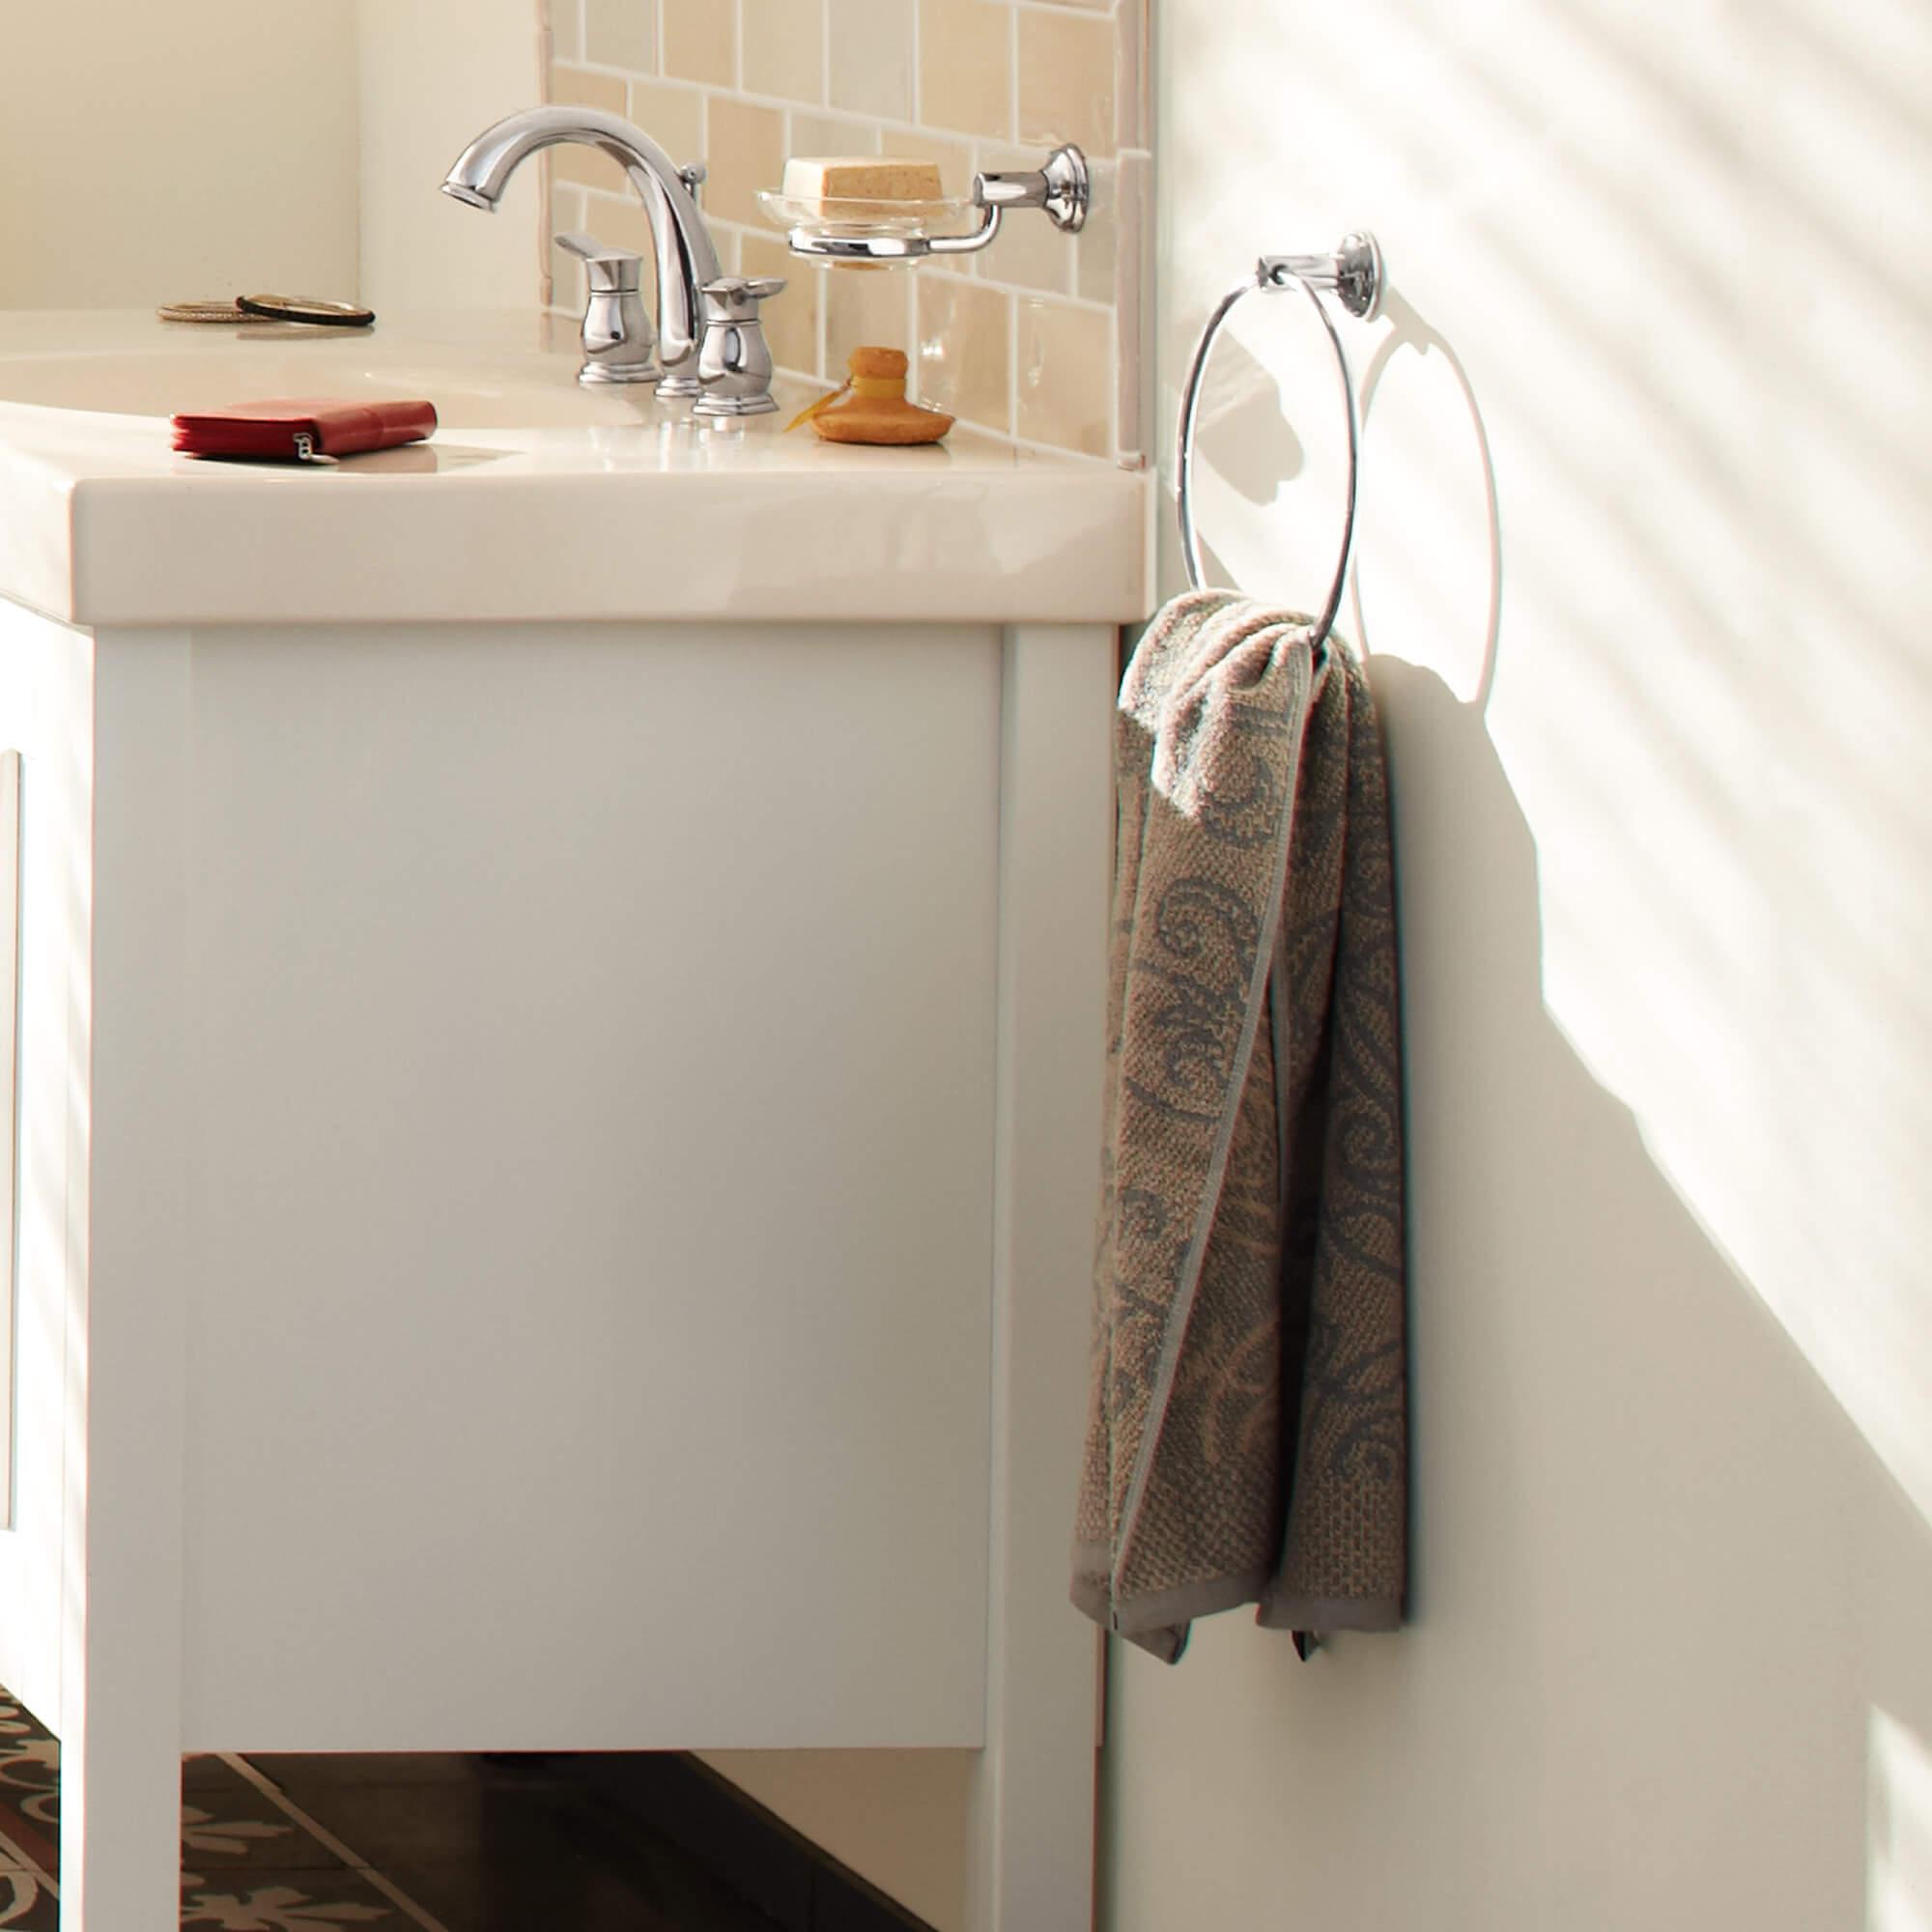 Essentials Authentic ring anneau de serviette accessoire à côté d'un meuble lavabo.